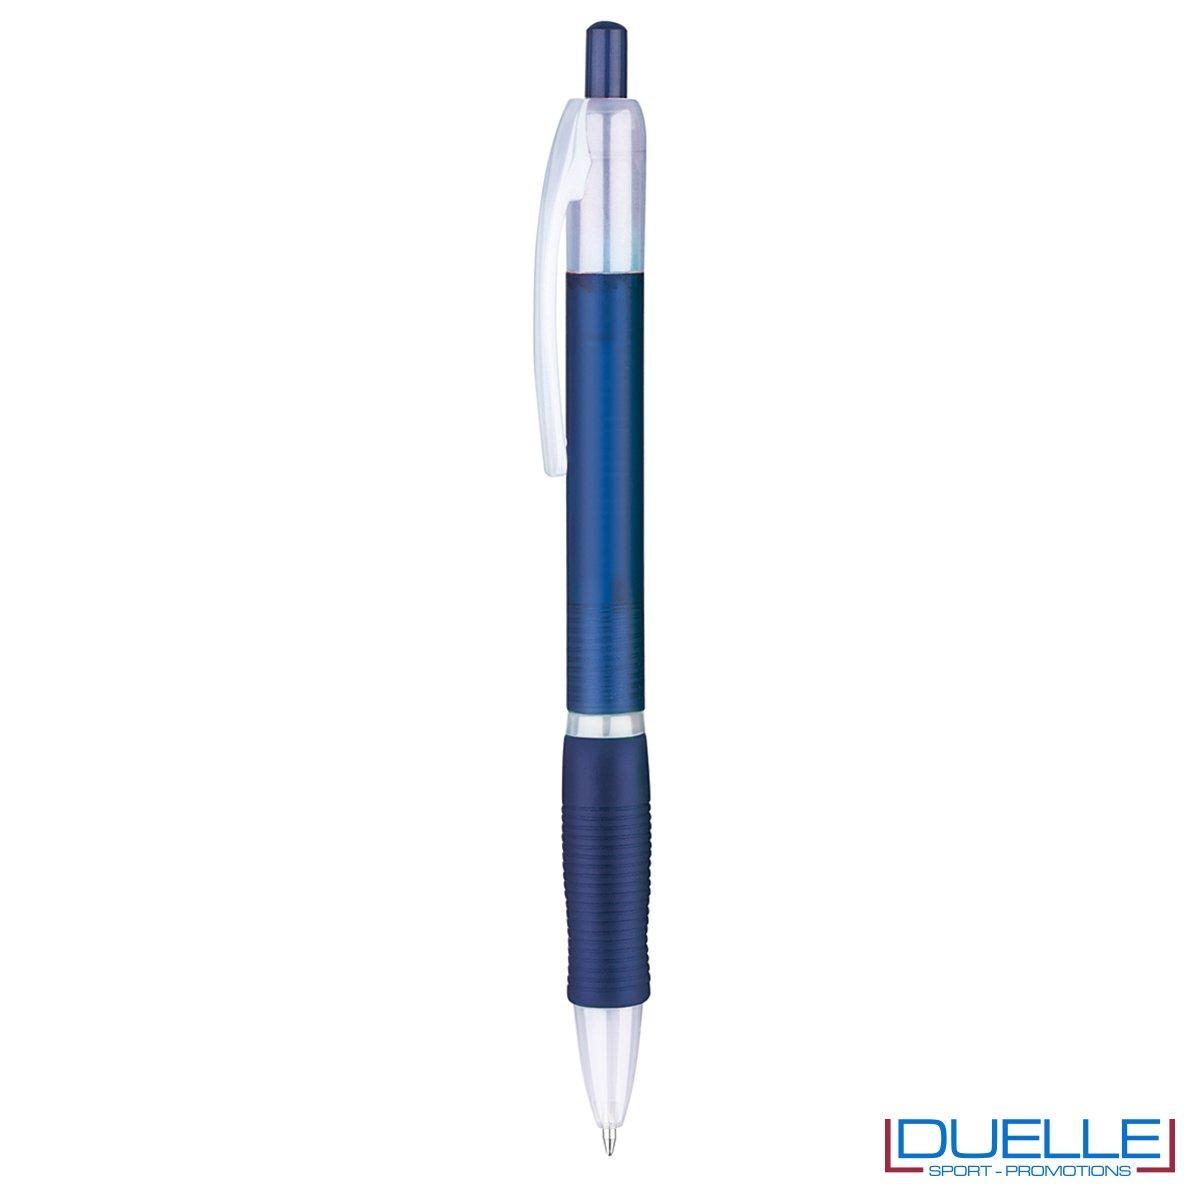 penna personalizzabile economica in colore blu fusto frost, offerta penne economiche personalizzabili in colore blu fusto frost